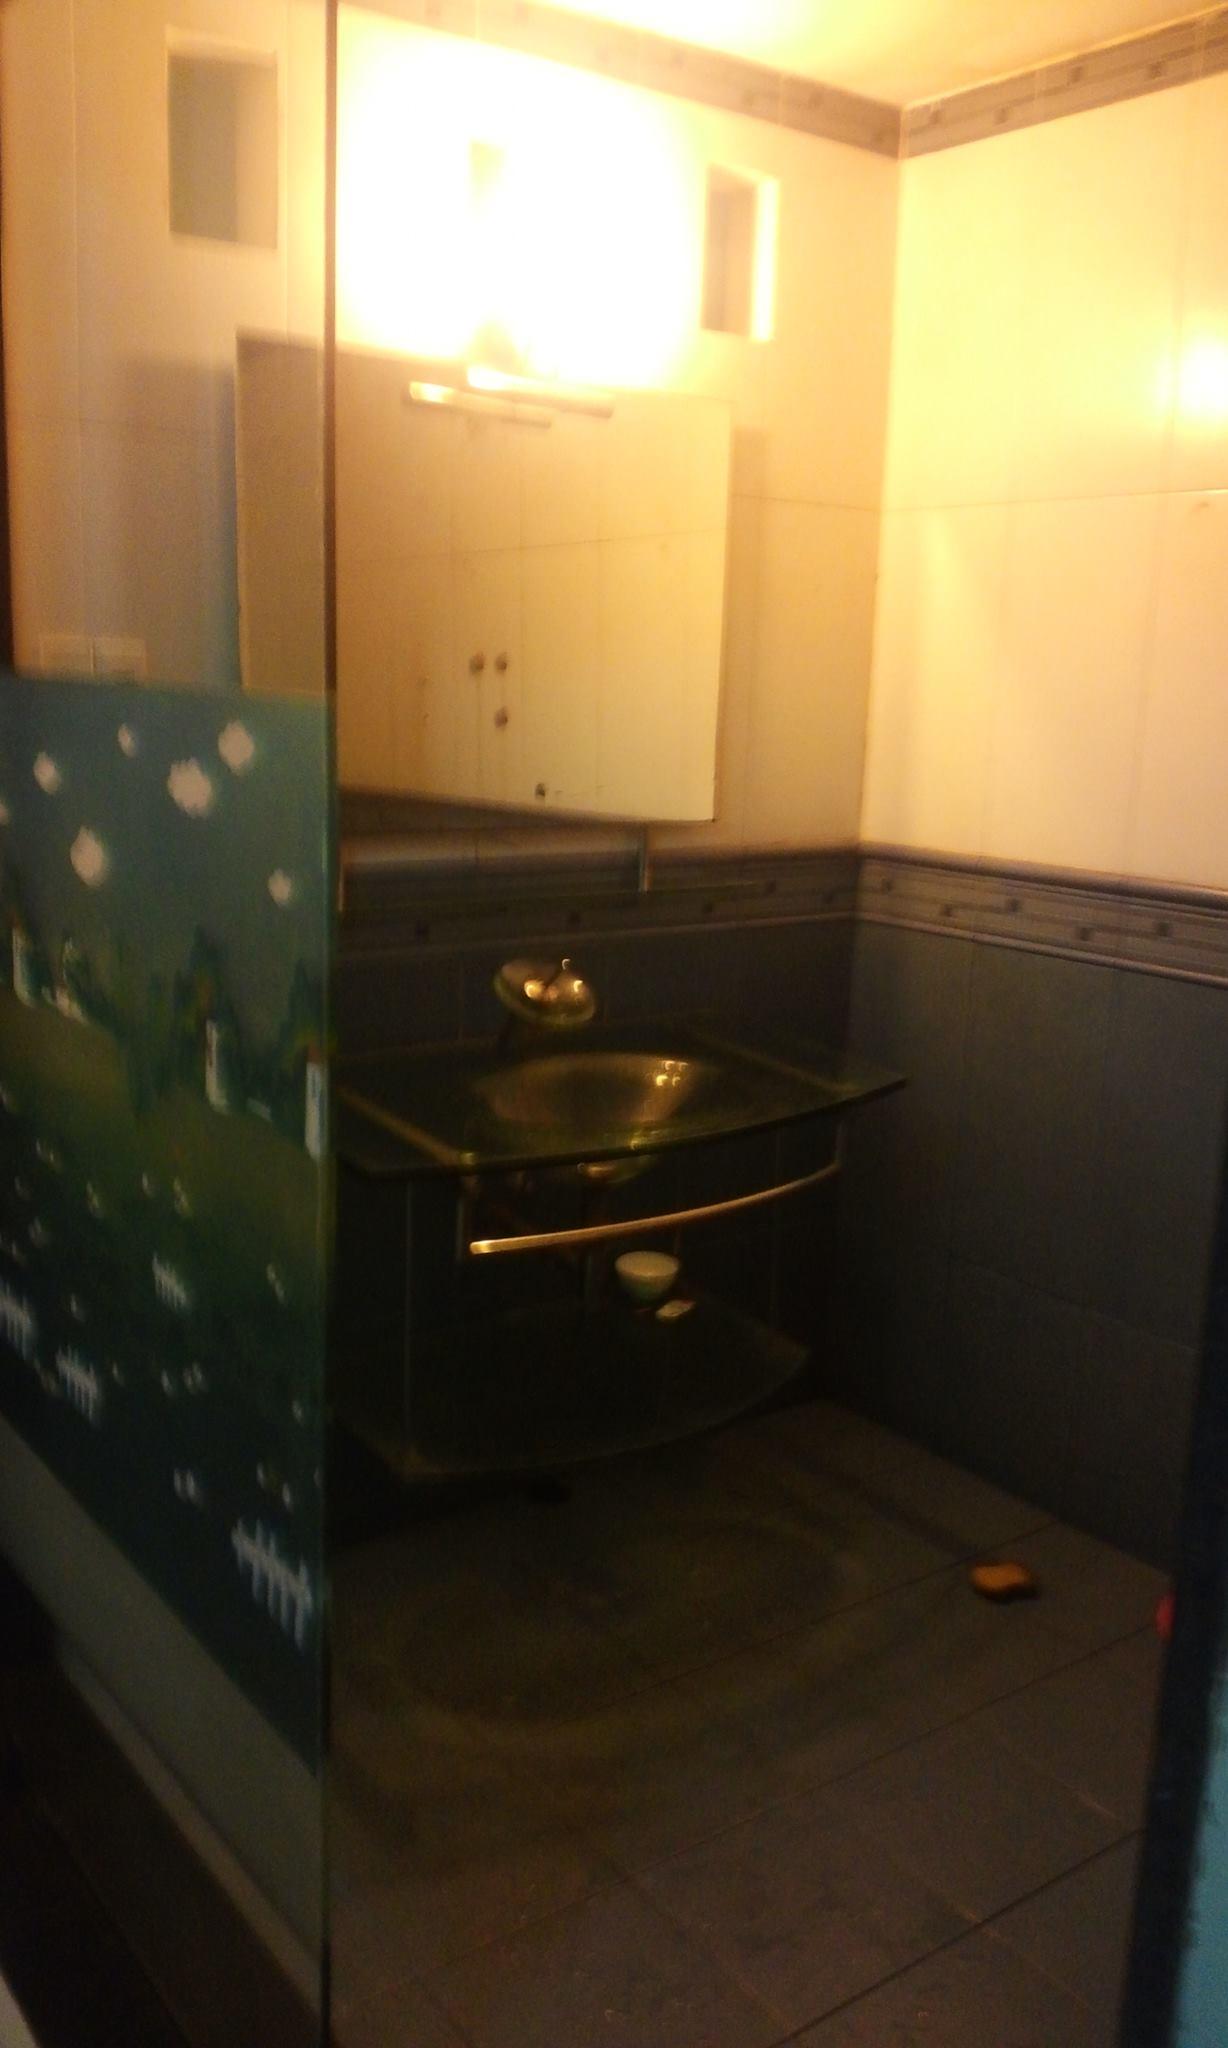 8 Phòng trọ giá rẻ quận Bình Tân, đầy đủ tiện nghi, giá 900K - 1,4 triệu/tháng